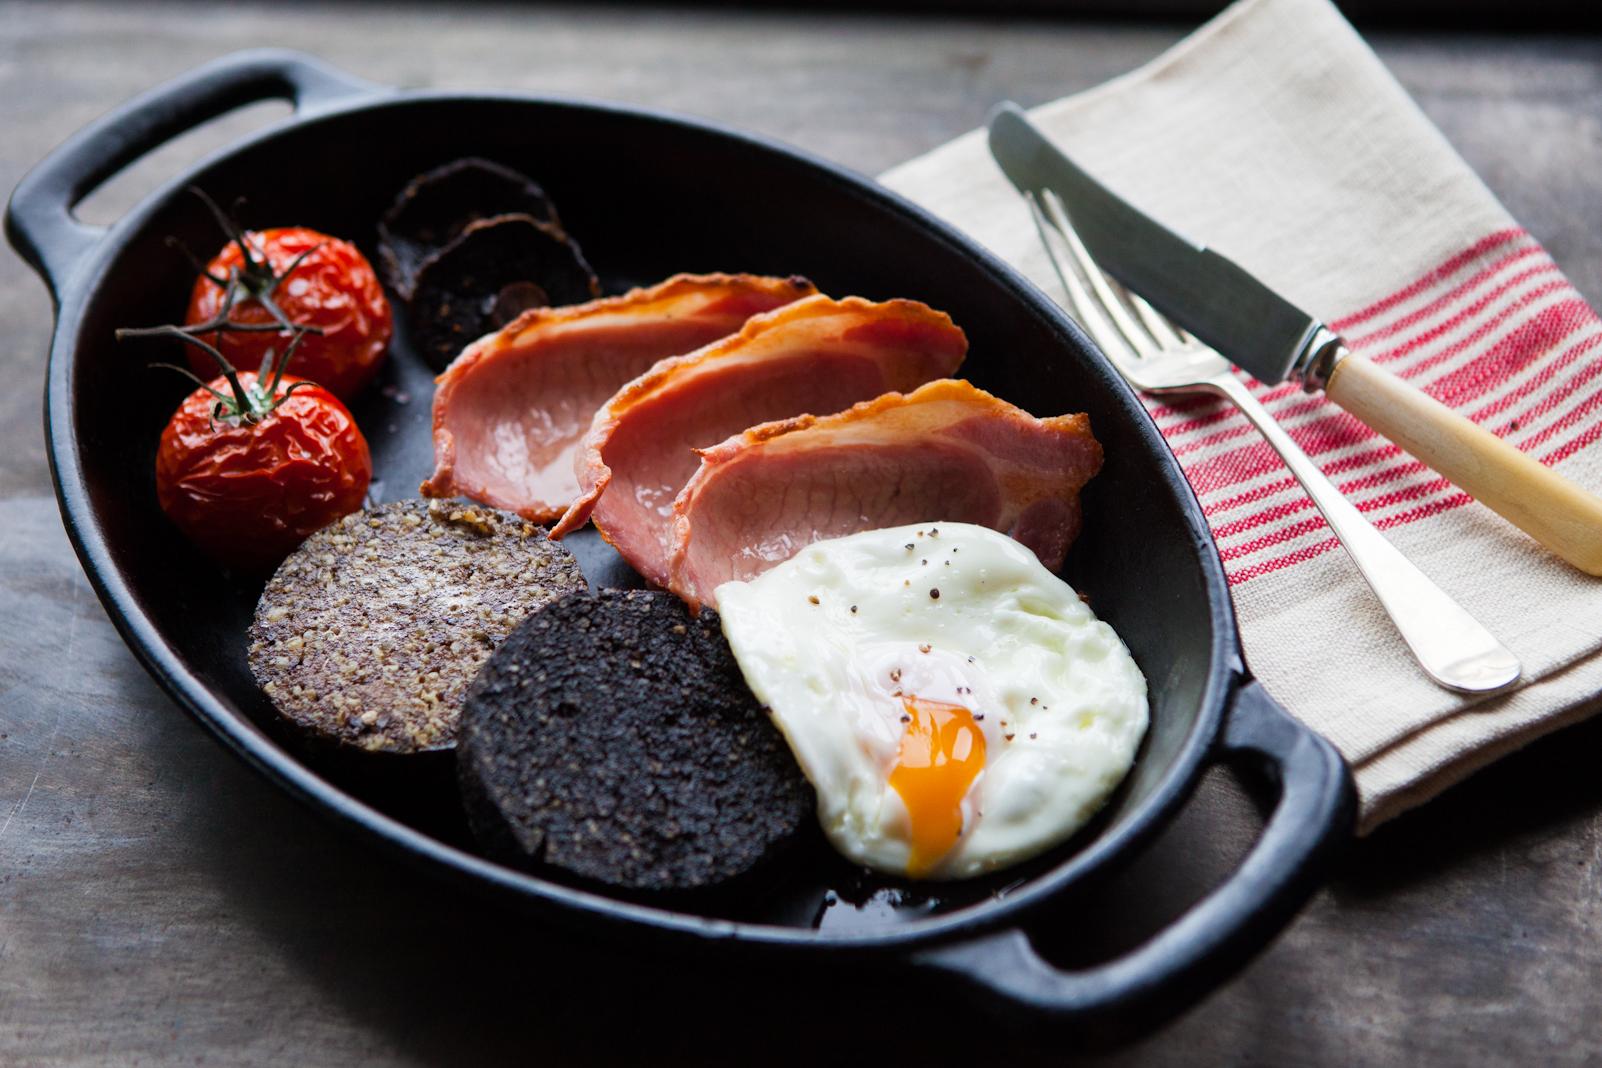 Bacon and Eggs | Food Photography | Carlisle, Cumbria